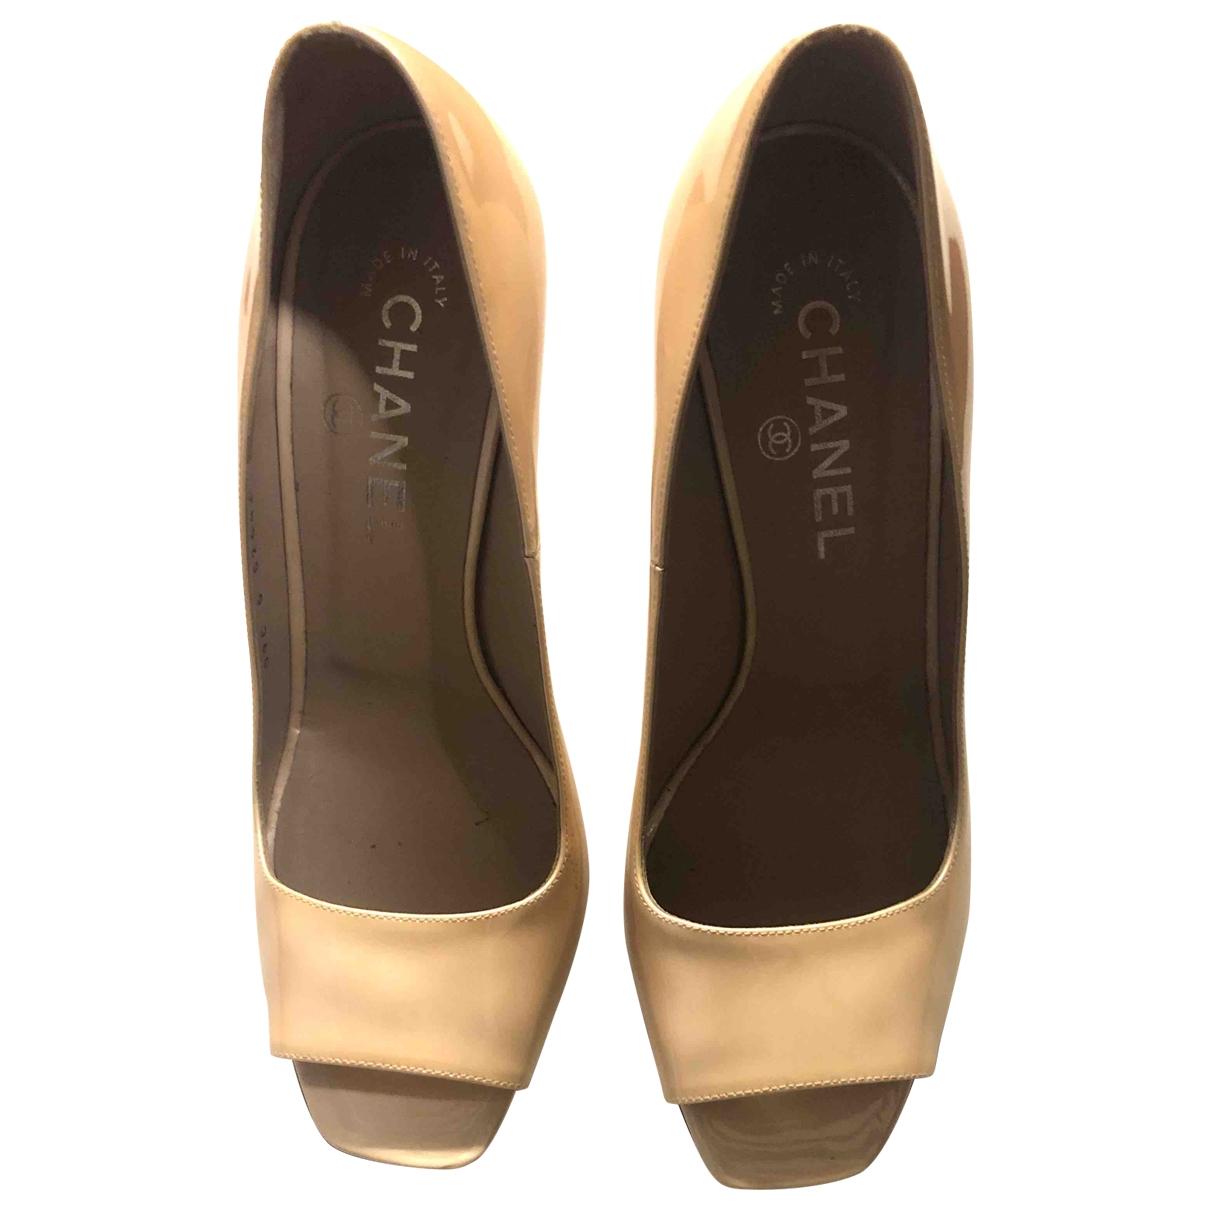 Chanel - Escarpins   pour femme en cuir verni - beige